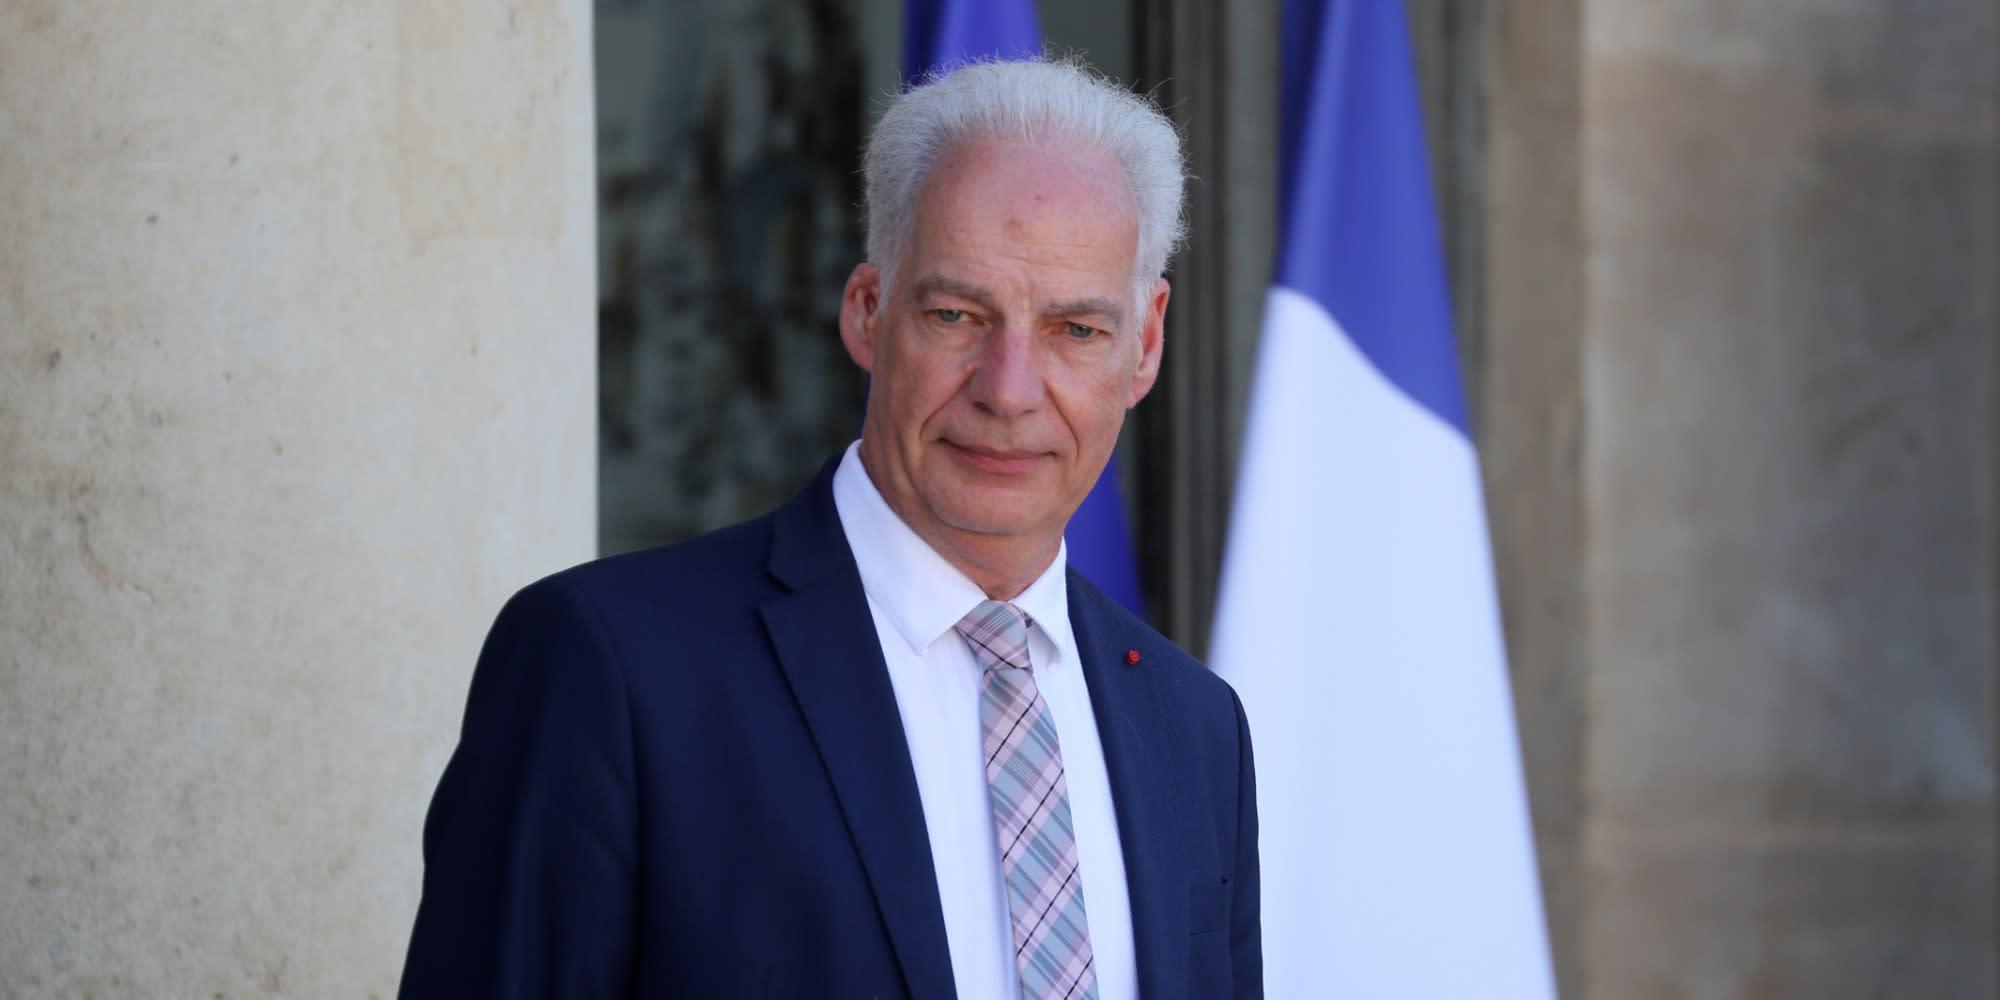 Compte bancaire du ministre aux PME Griset : deux enquêtes ouvertes à Lille et Paris